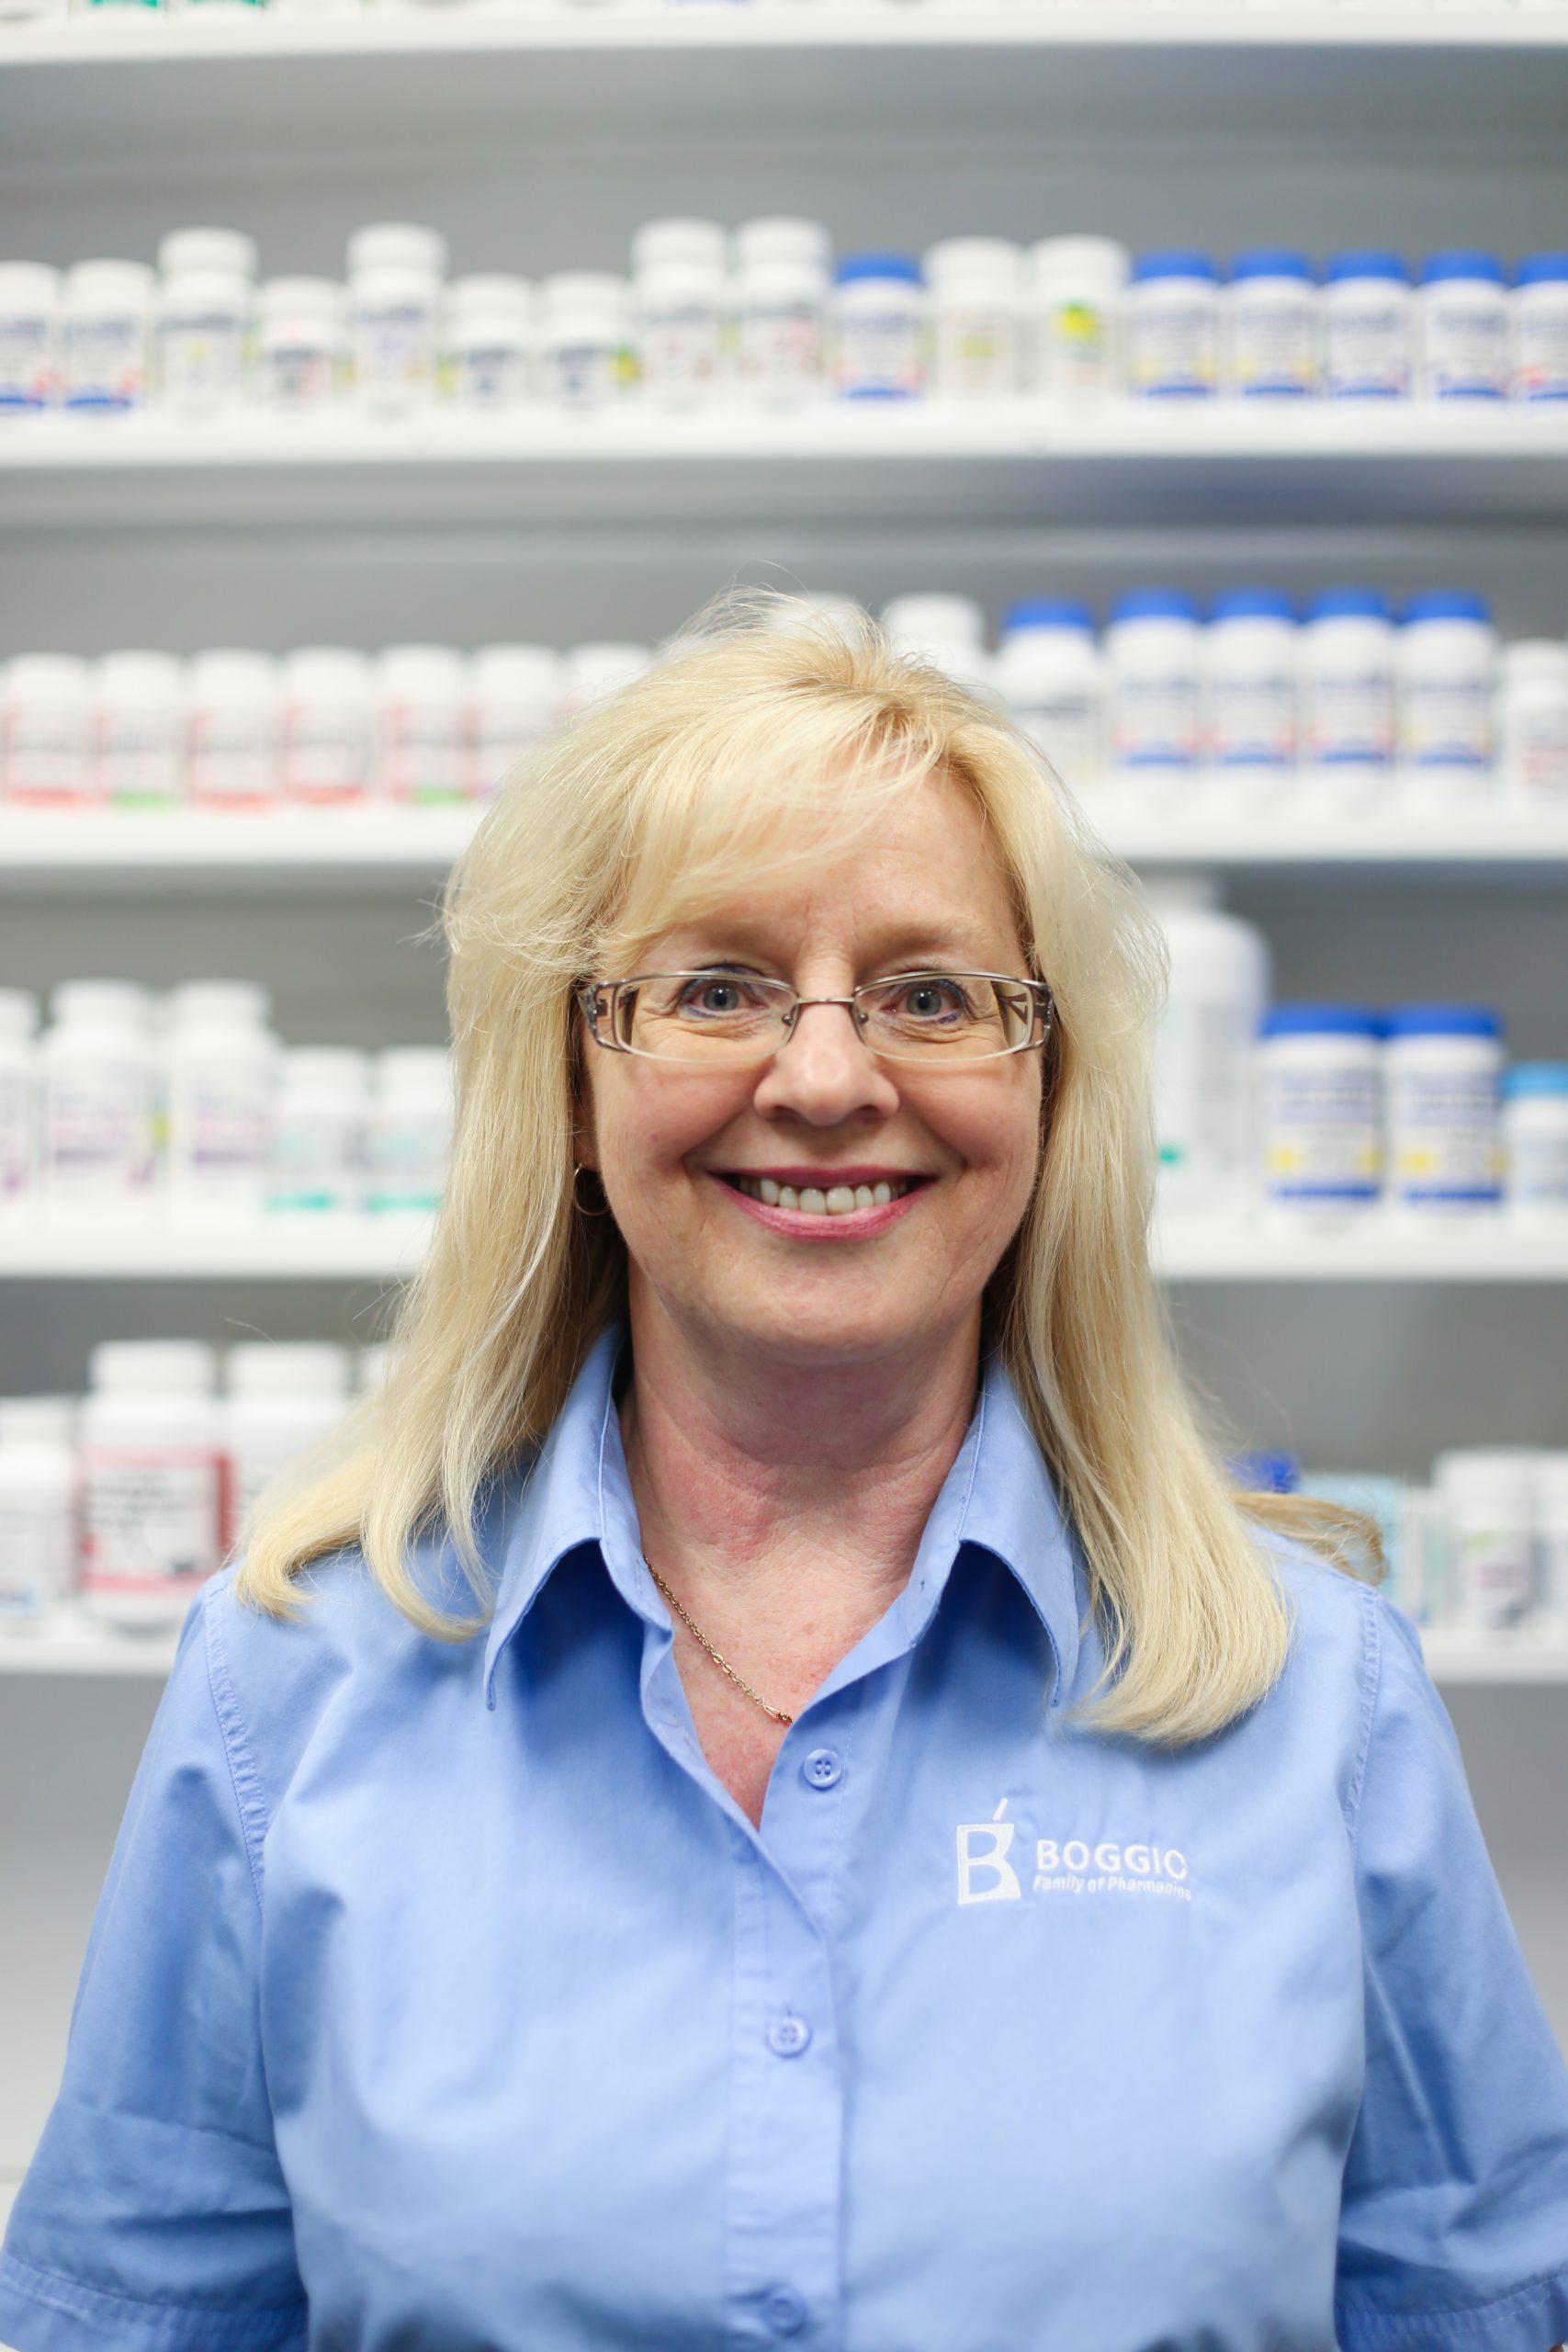 Brenda Morden Niagara Falls Technician